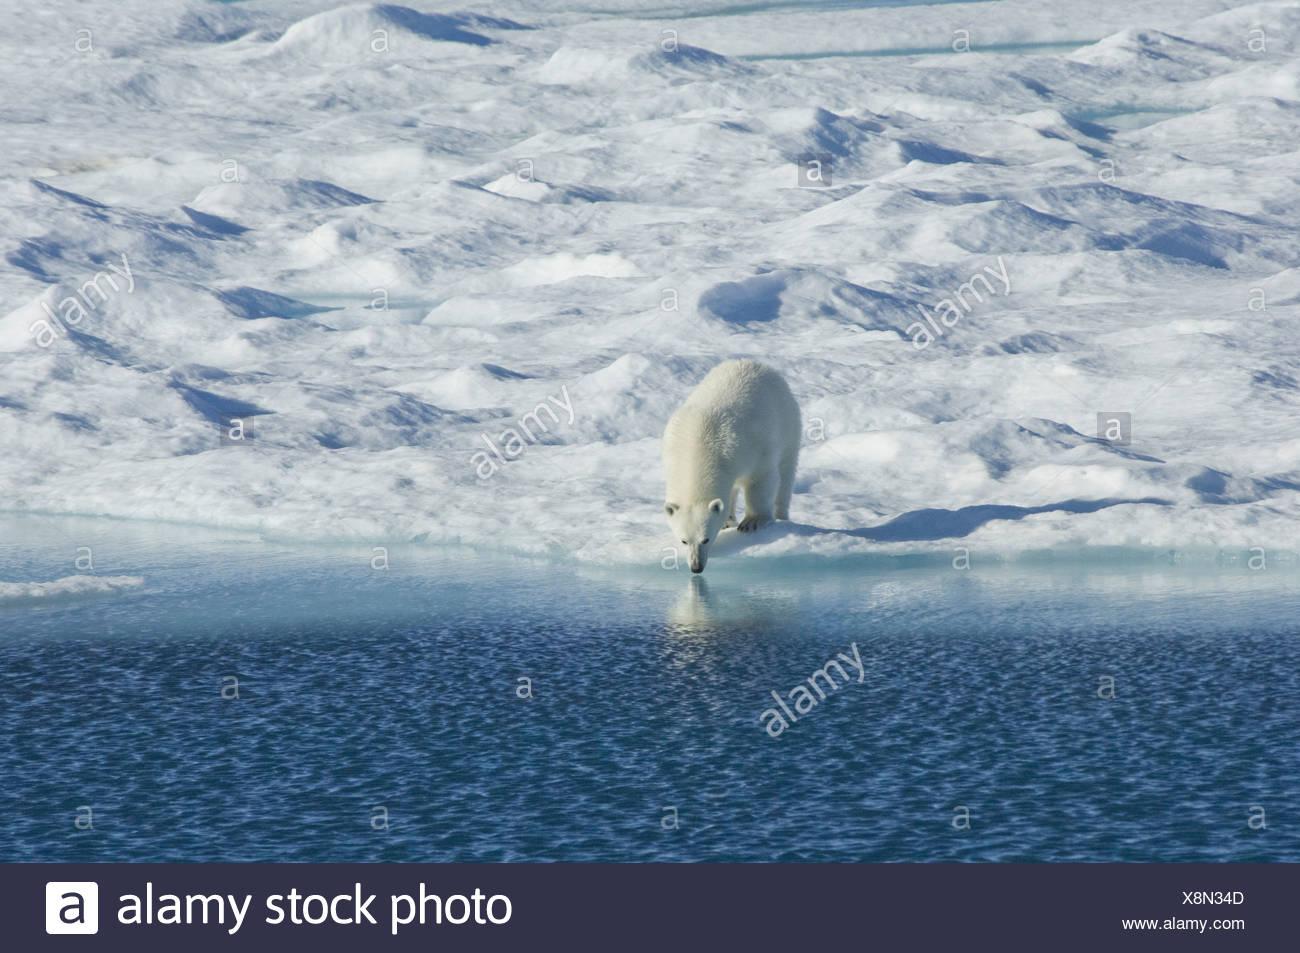 Polar bear in freier Wildbahn eine mächtige Räuber und gefährdeten oder potenziell gefährdeten Arten Stockbild